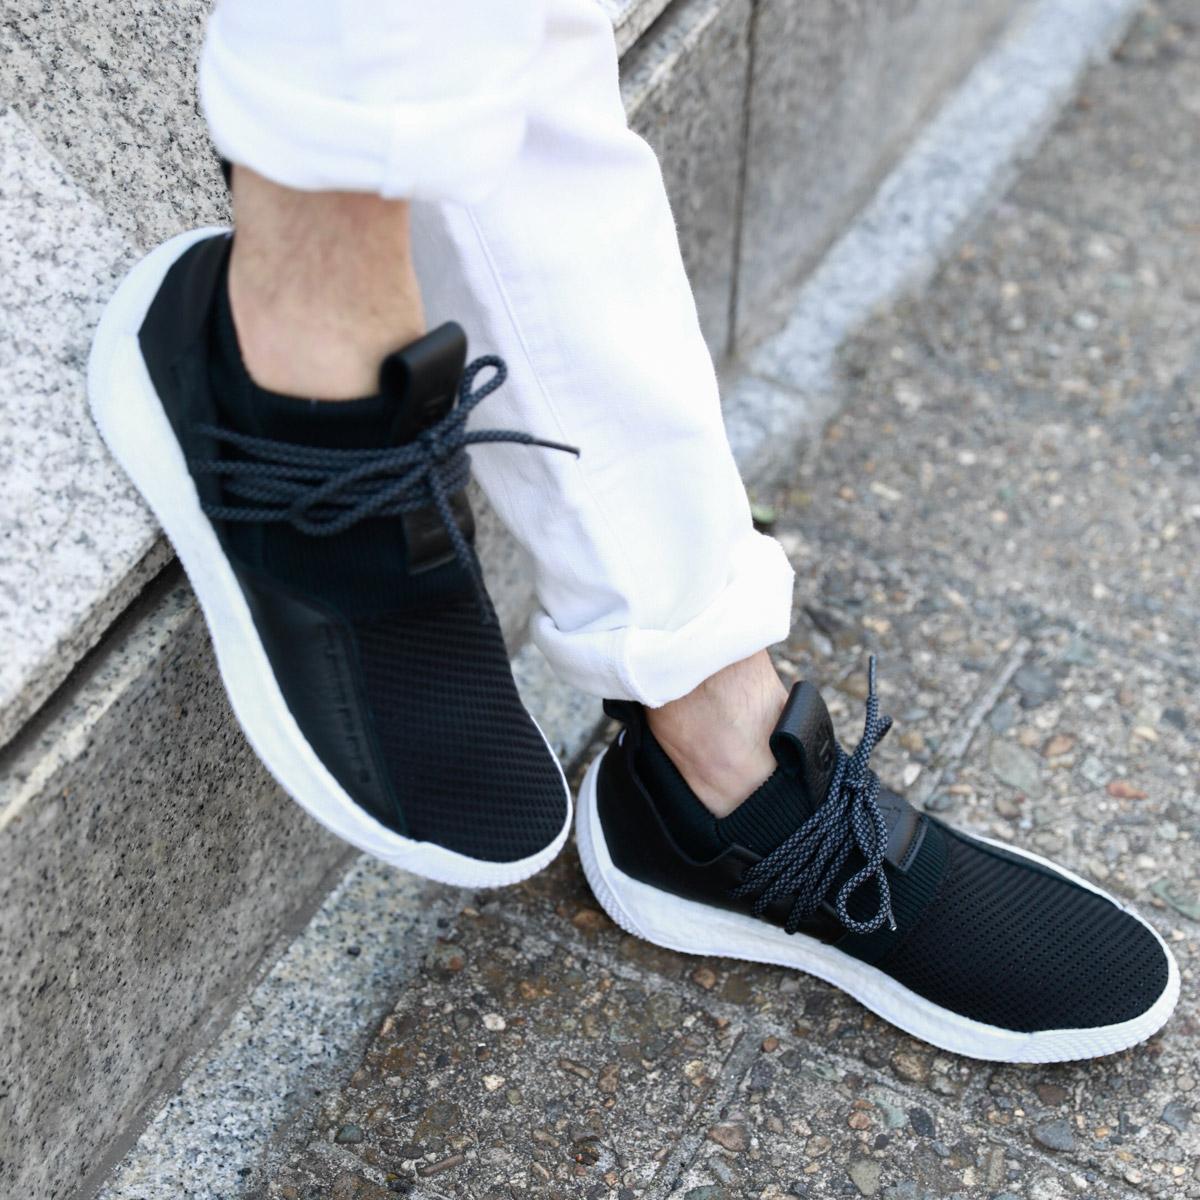 adidas Harden LS 2 LACE(アディダス ハーデンLS 2 LACE)コアブラック/ランニングホワイト/ゴールドメット【メンズ スニーカー】18FW-I